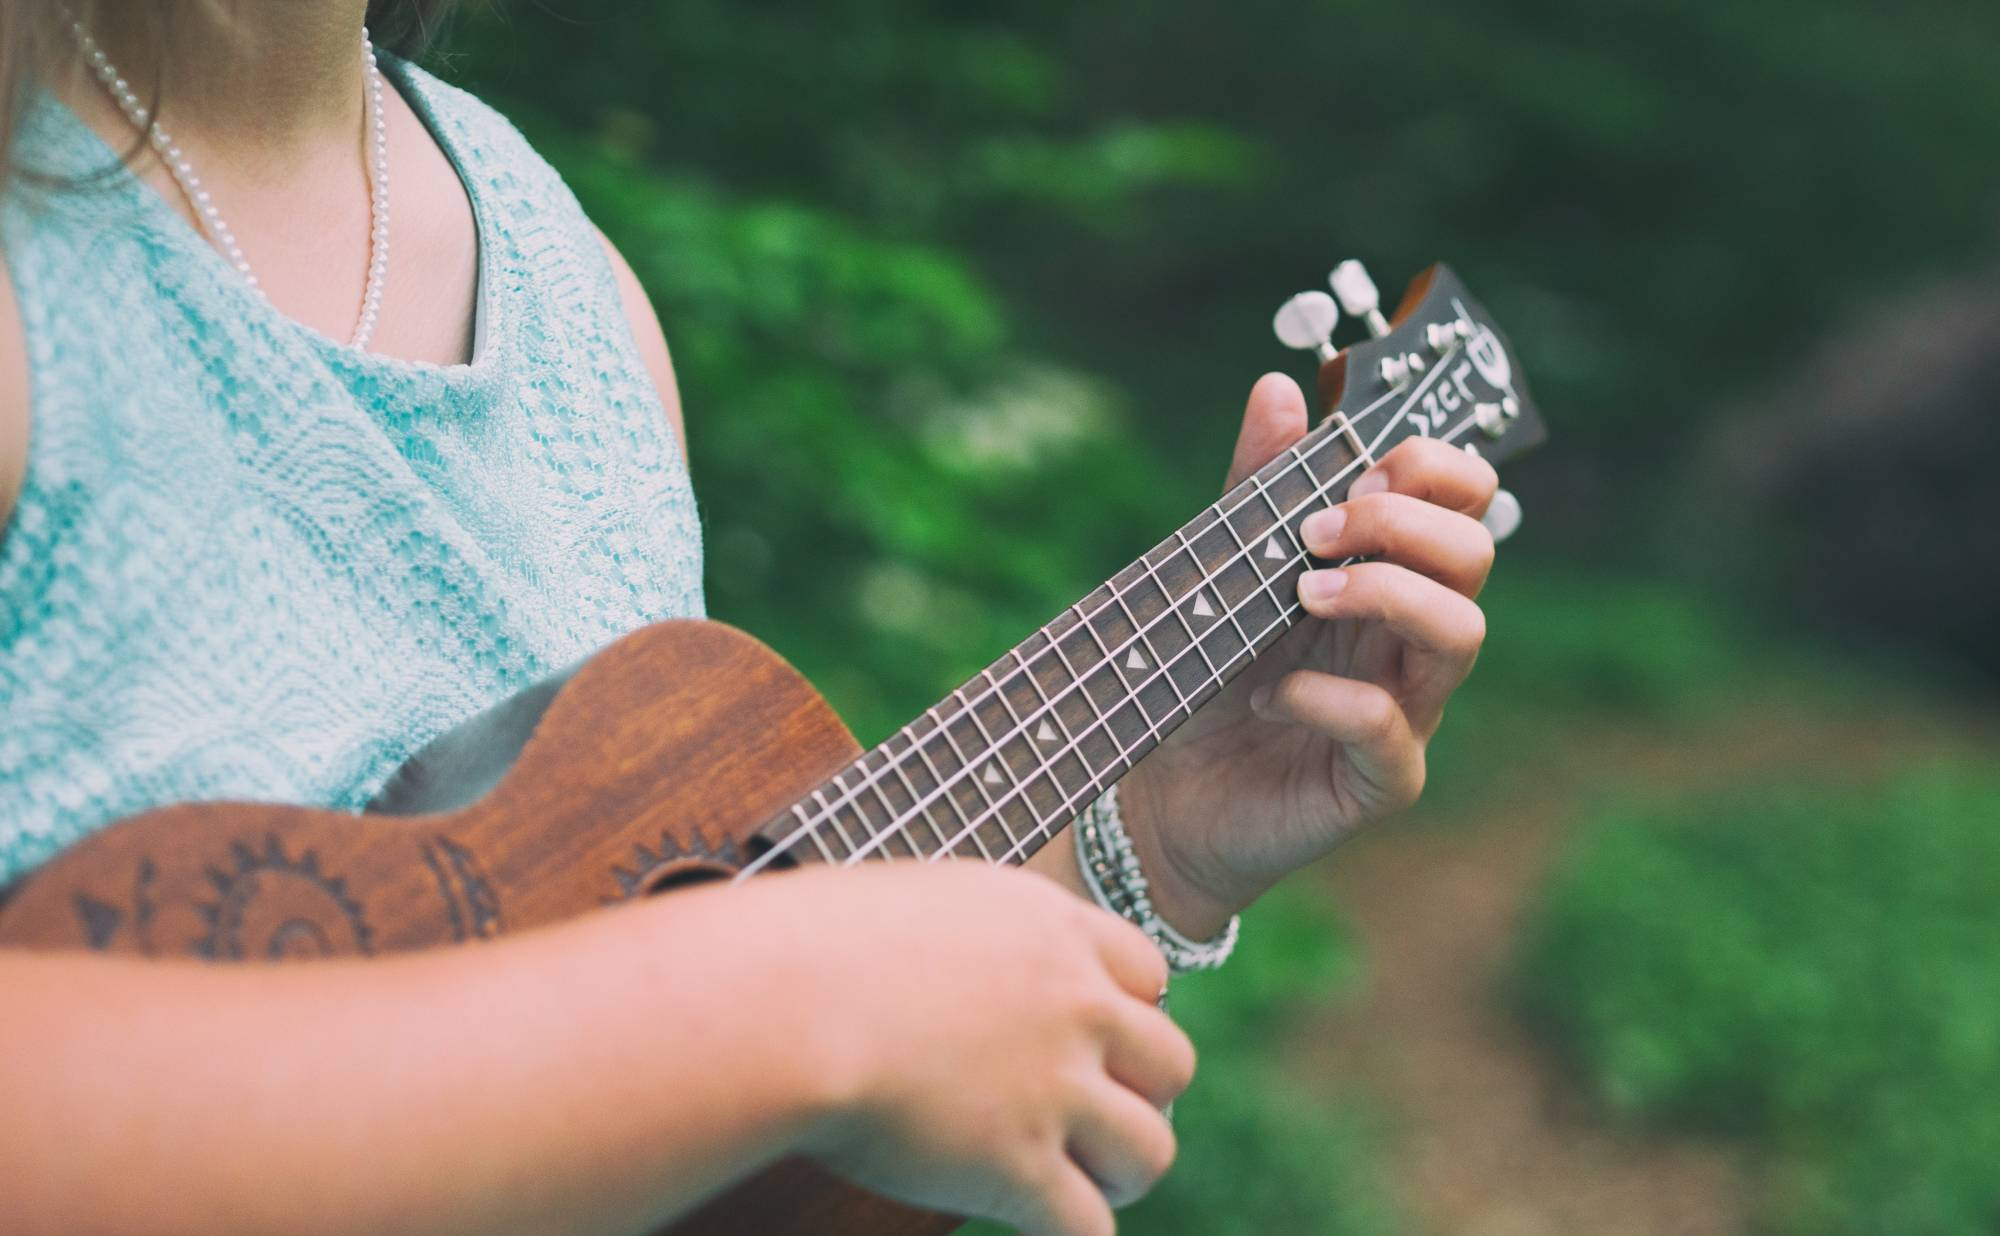 Girl with ukulele